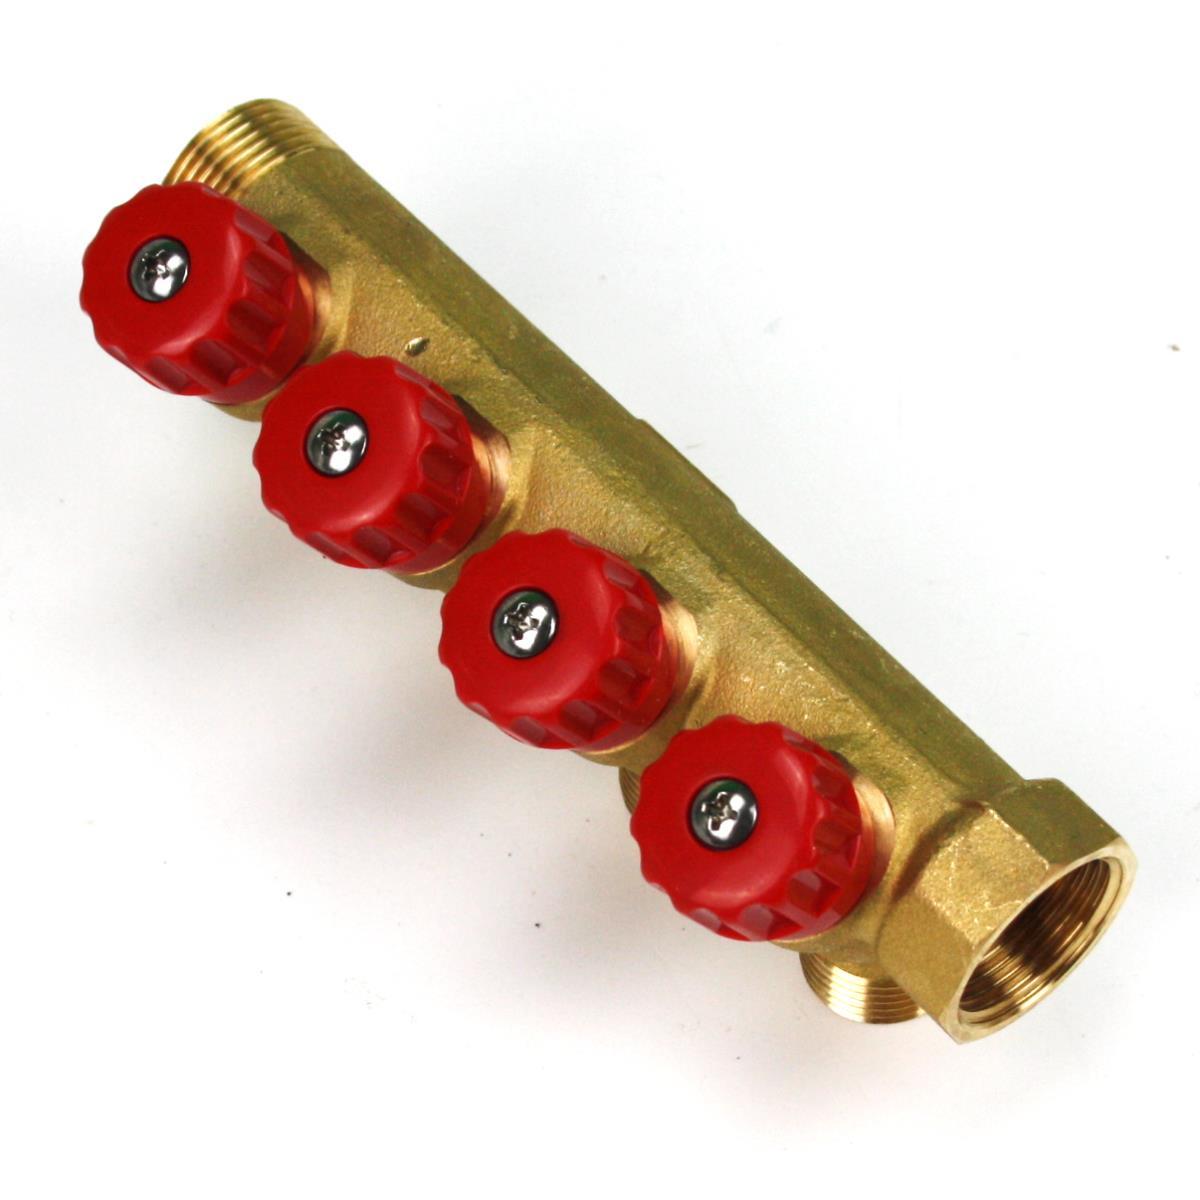 """Verteiler 4-Fach mit Absperrventil Rot Sanitär 3/4"""" x 1/2"""" Wasser Heizung  ,Poletti,C32400TR35, 8025459029756"""